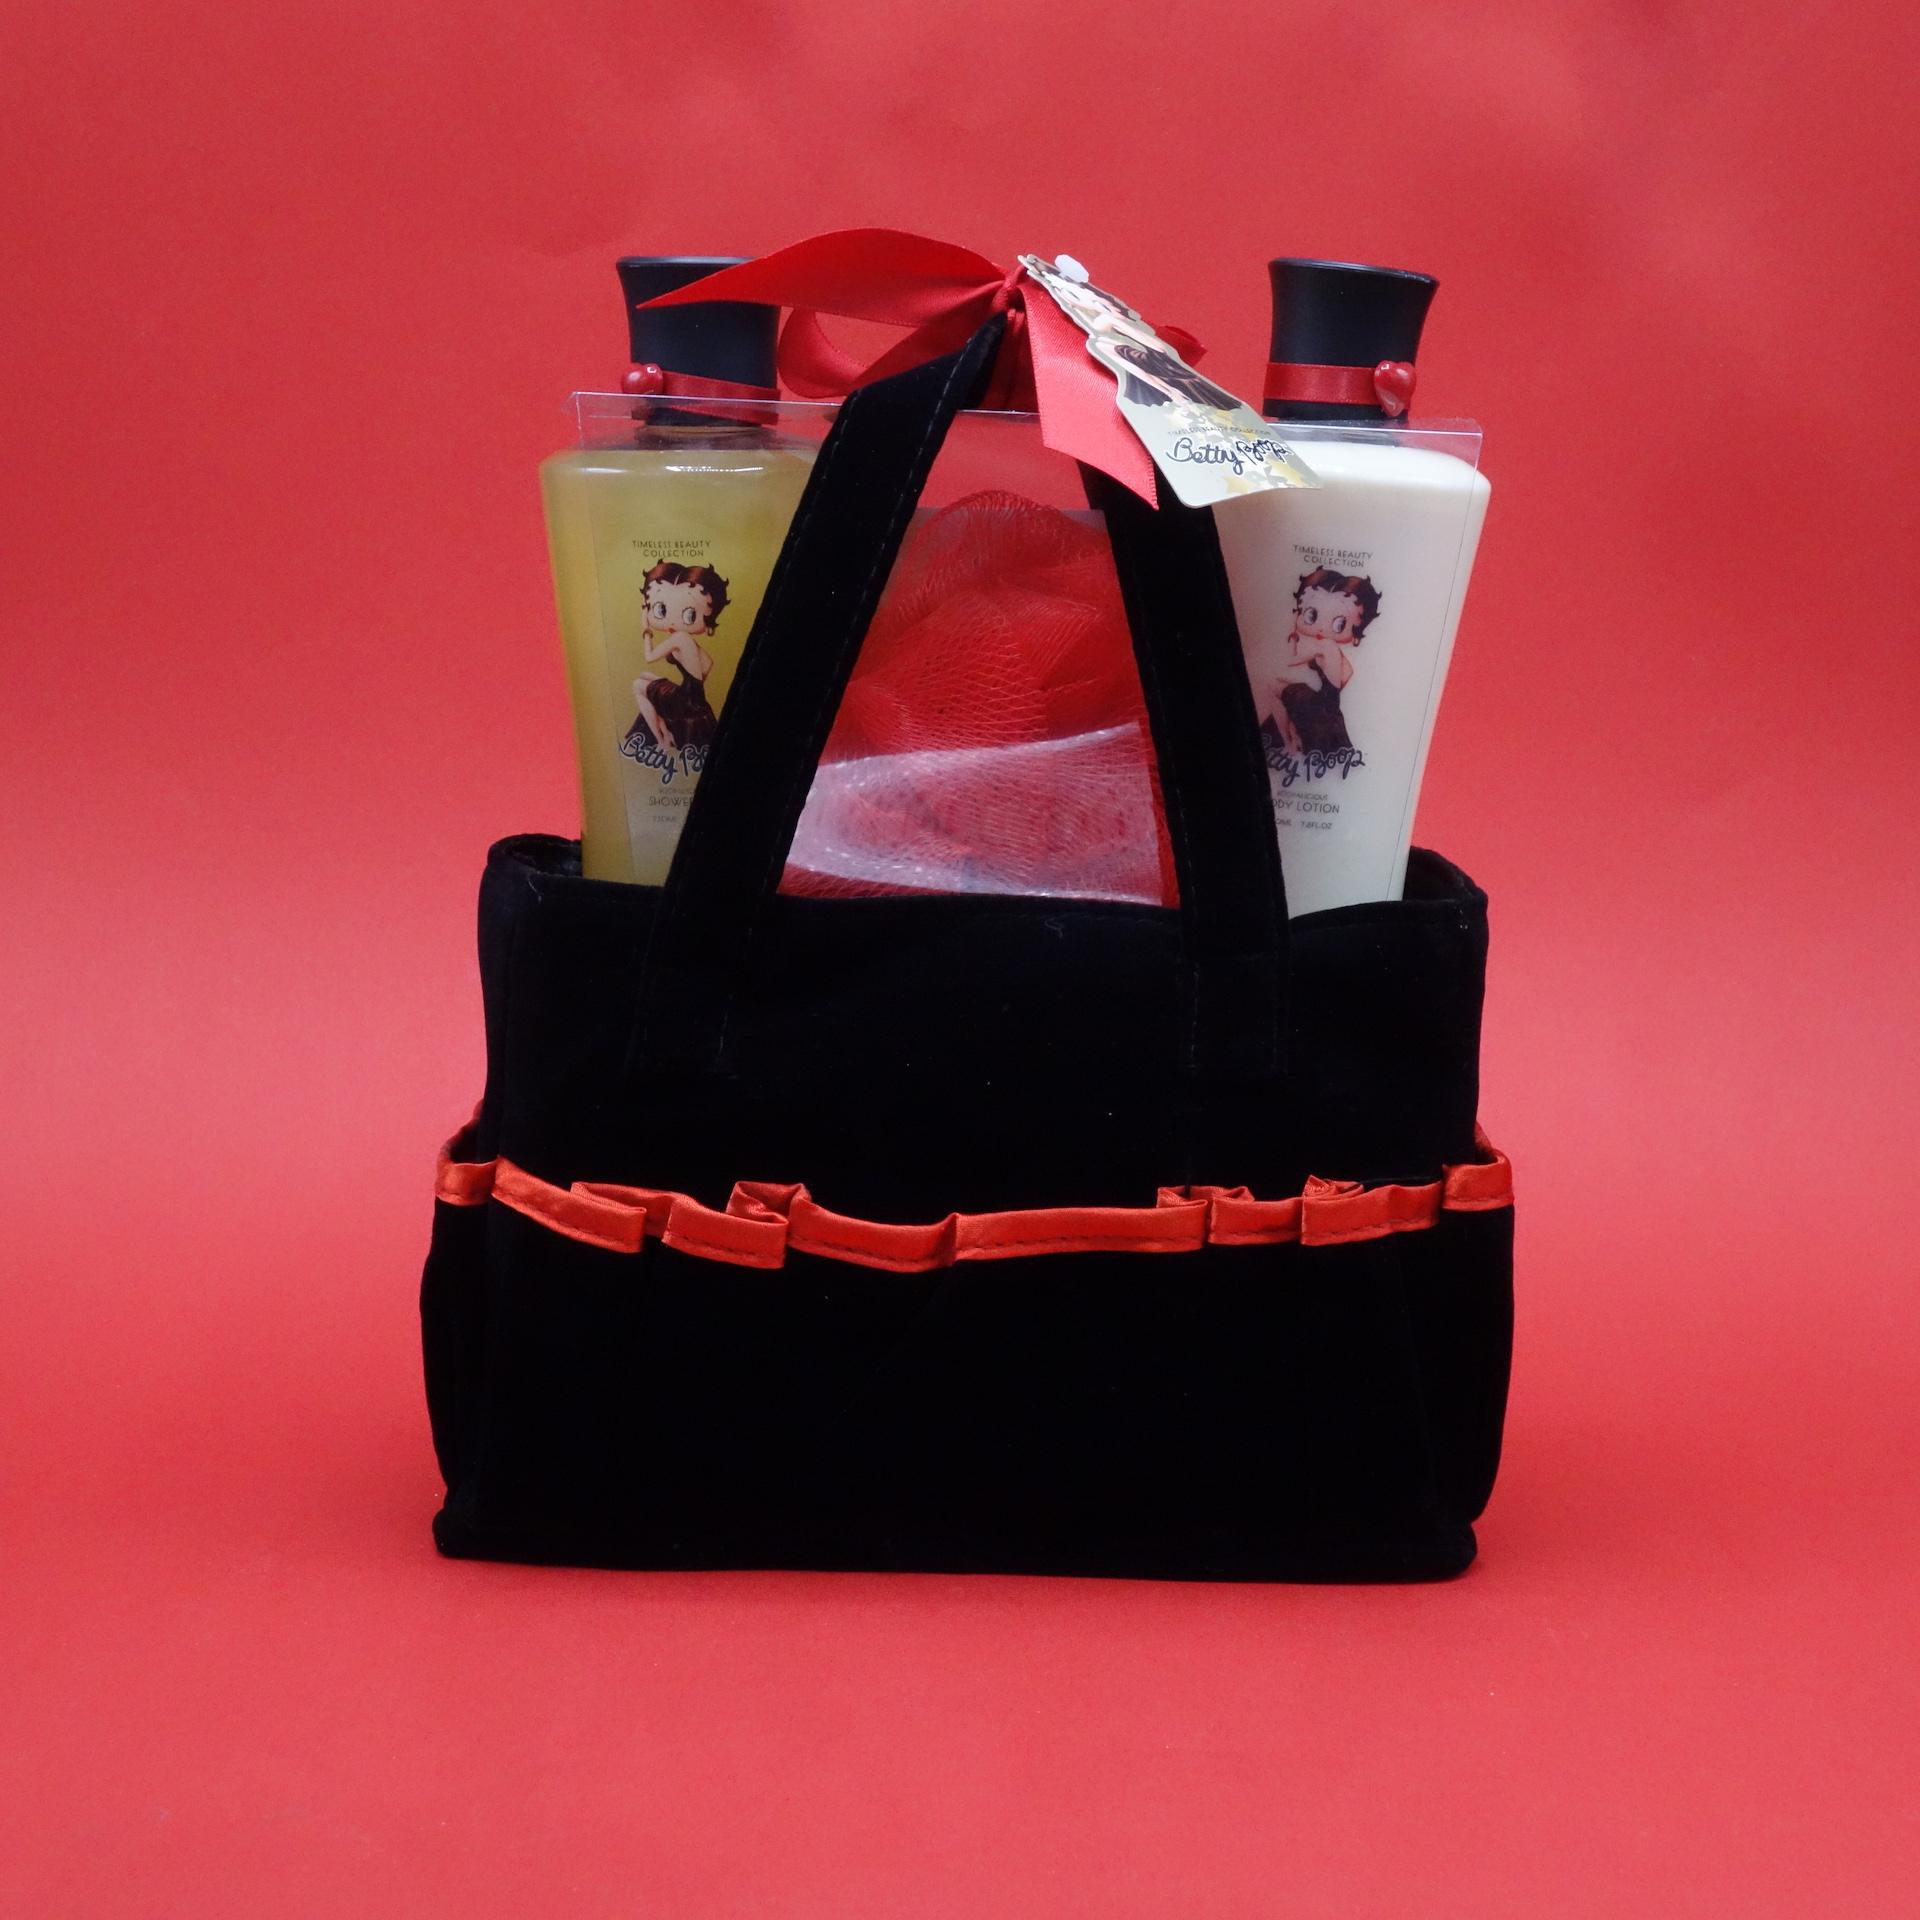 Betty Boop Geschenkset Duschgel Body Lotion Netzschwamm